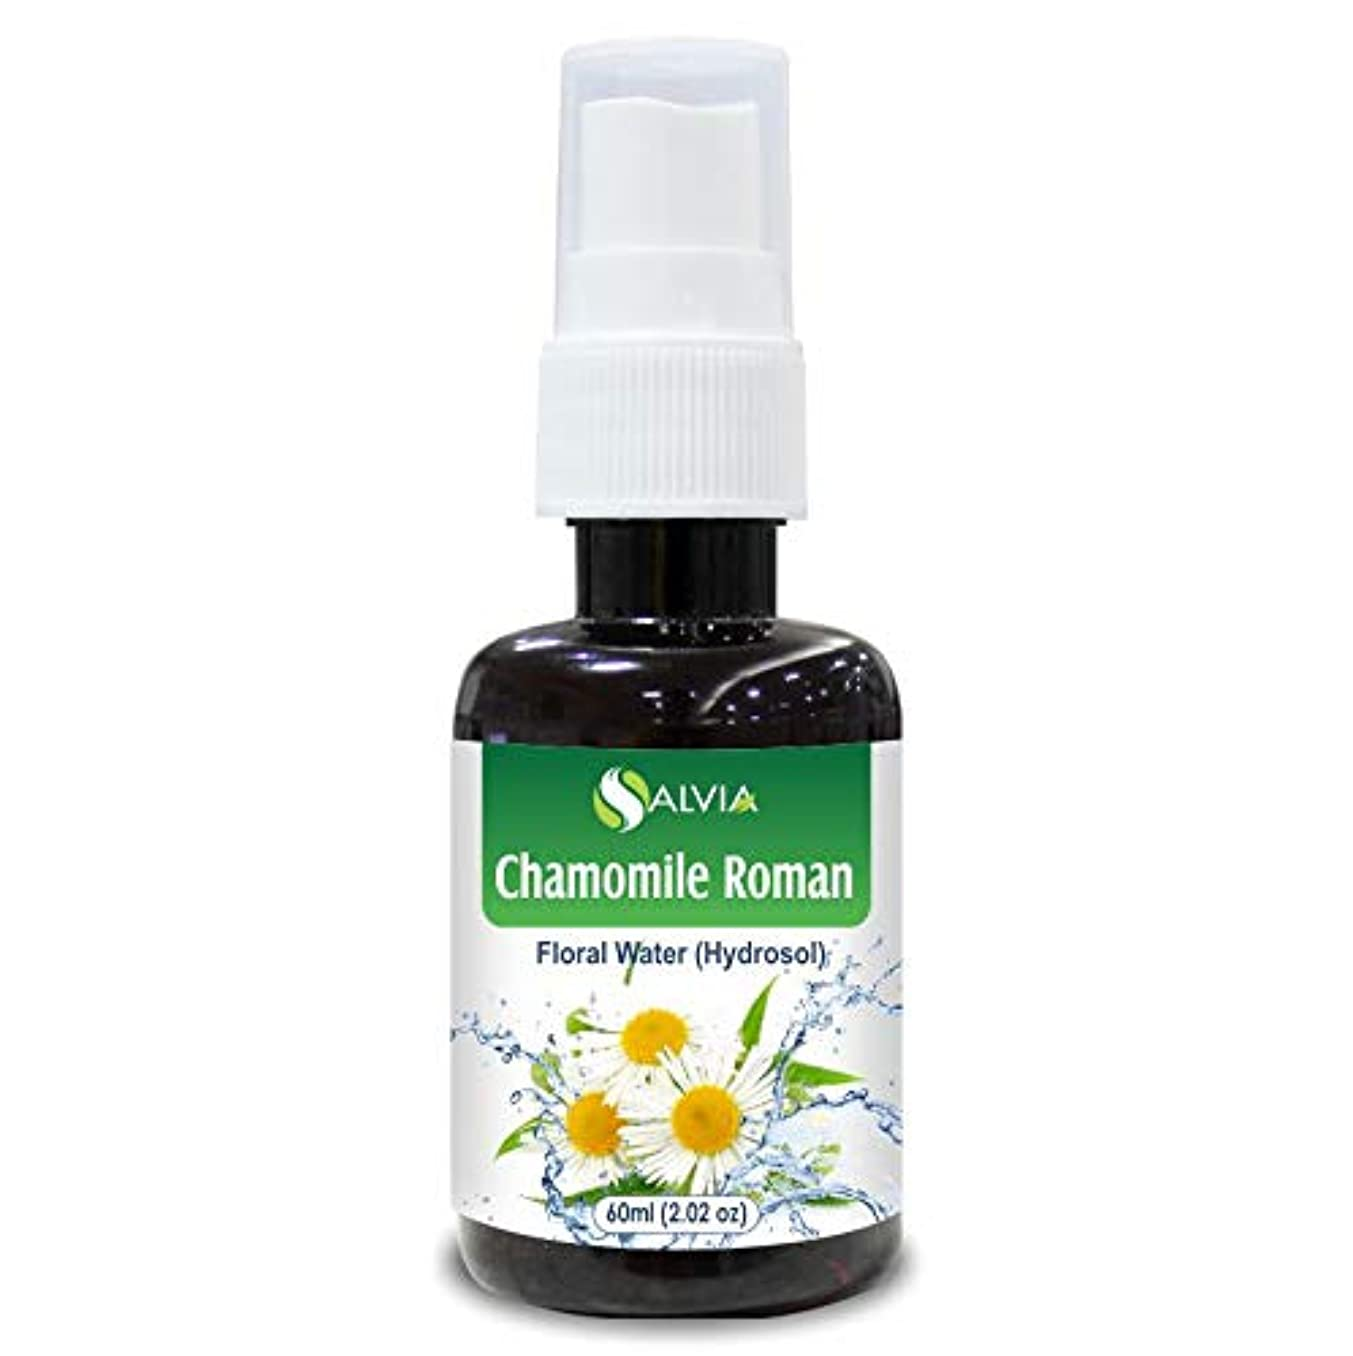 八百屋ライトニング激怒Chamomile Oil, Roman Floral Water 60ml (Hydrosol) 100% Pure And Natural